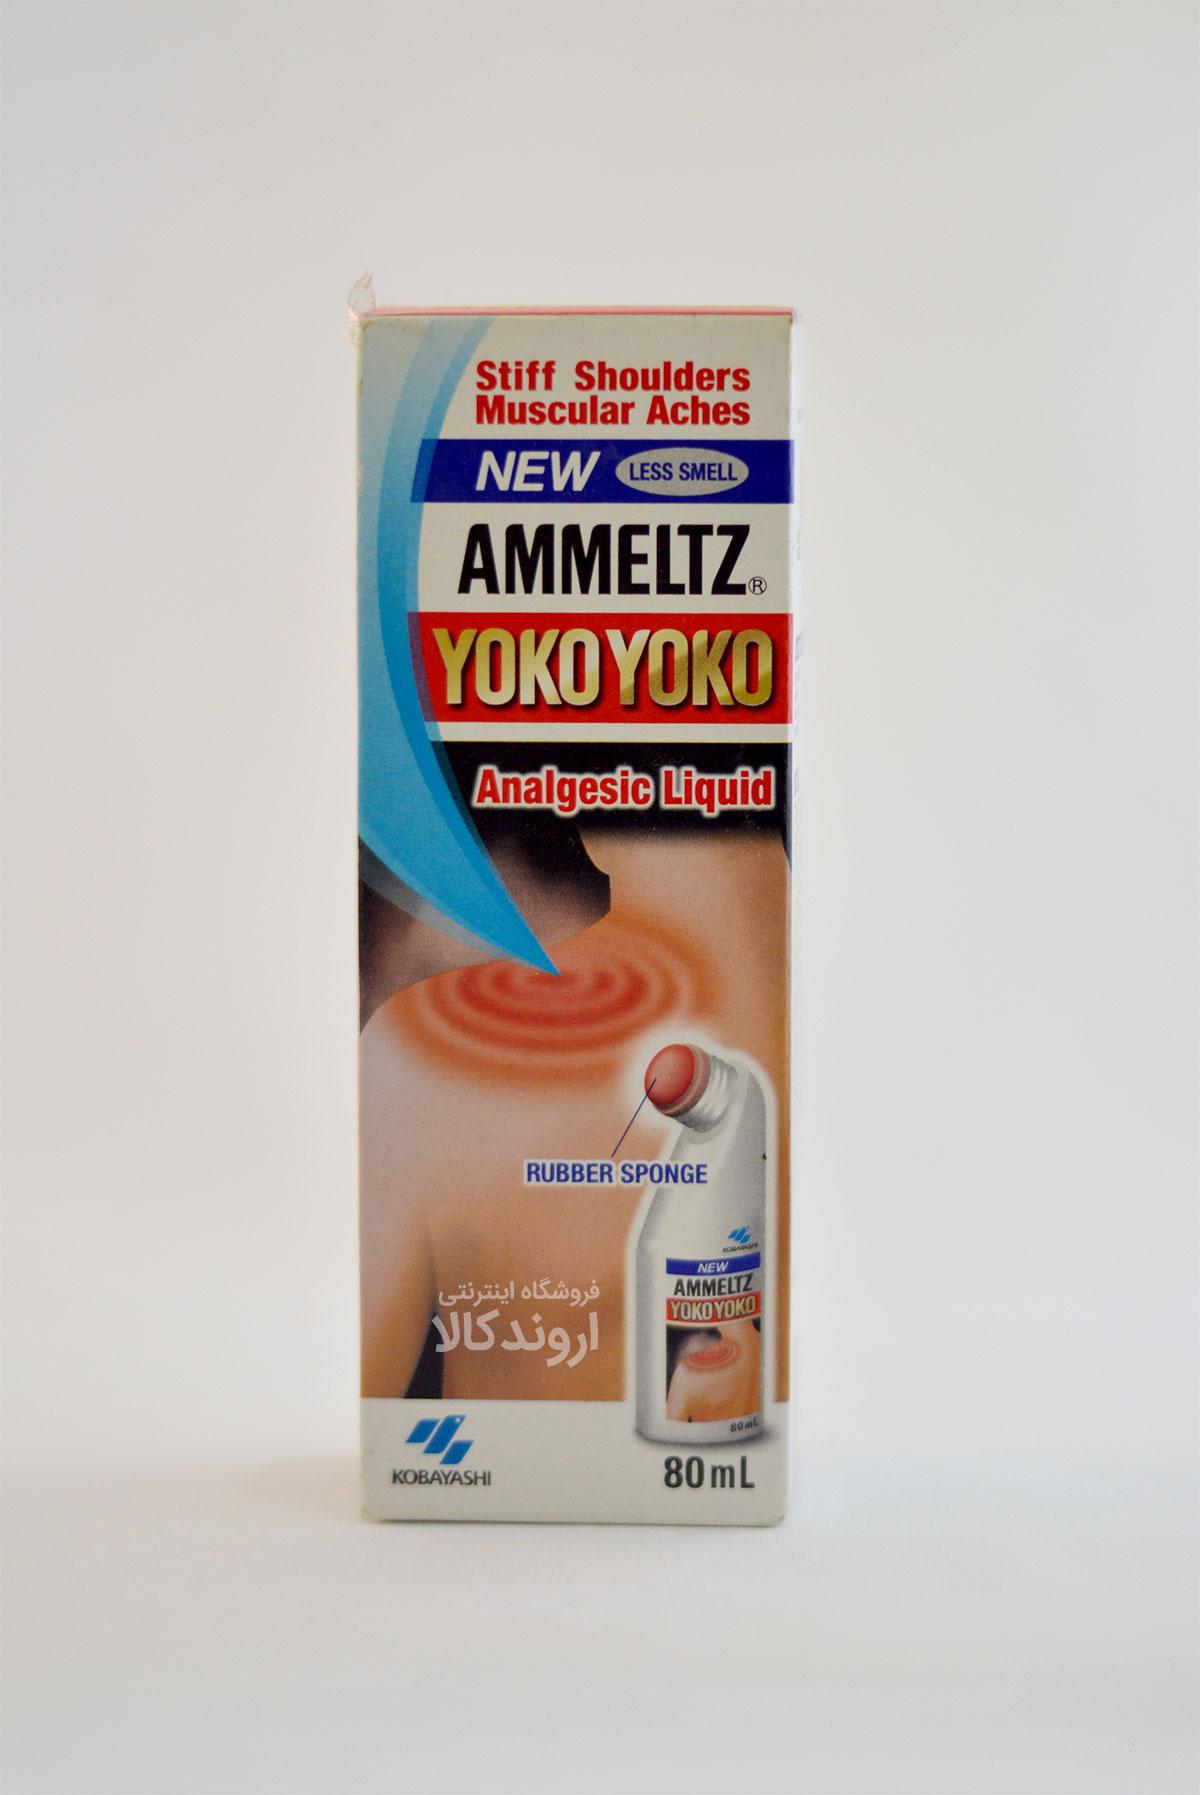 محلول ضد التهاب Yoko Yoko